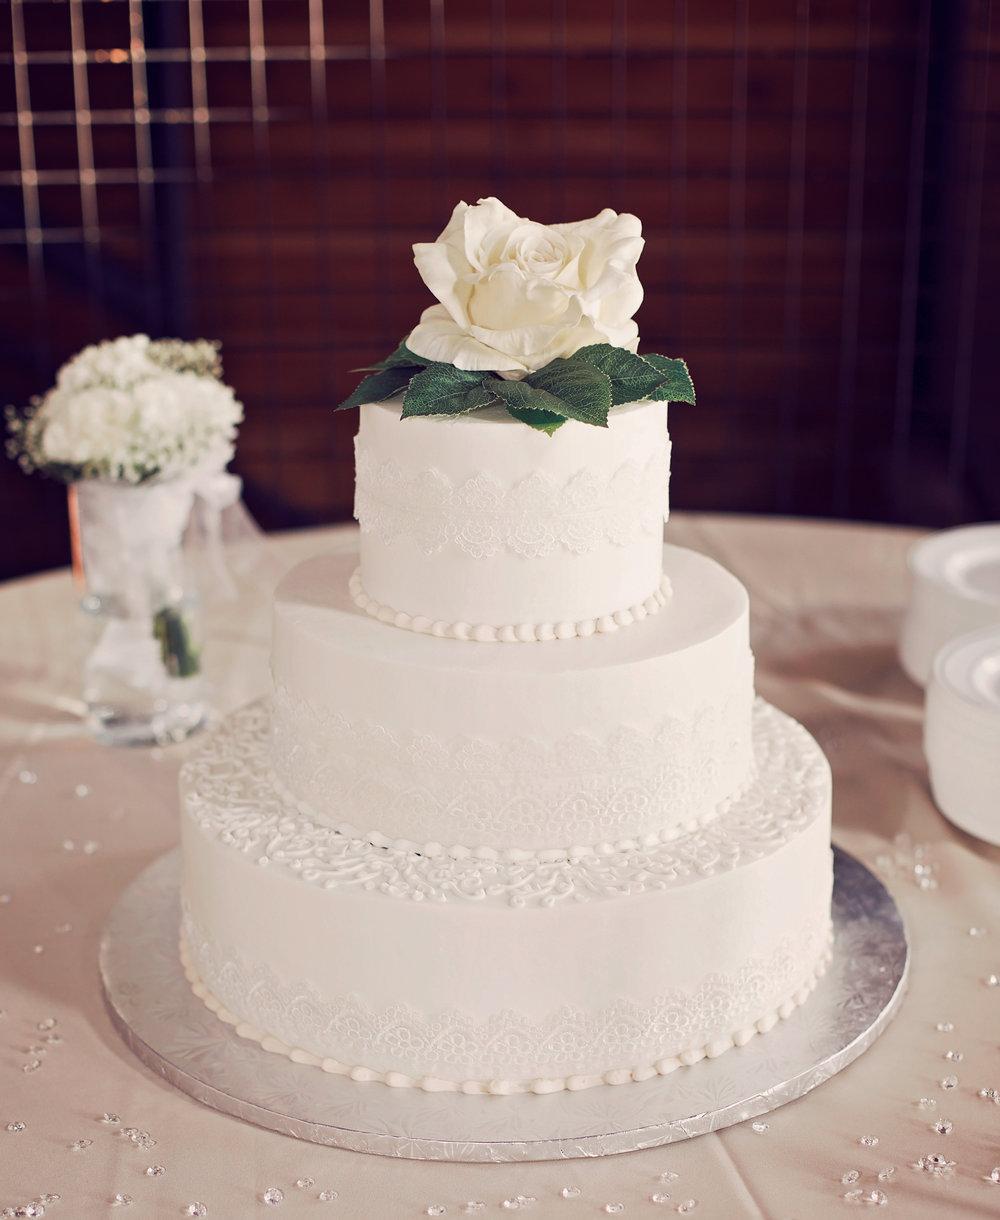 weddingcake12.jpg